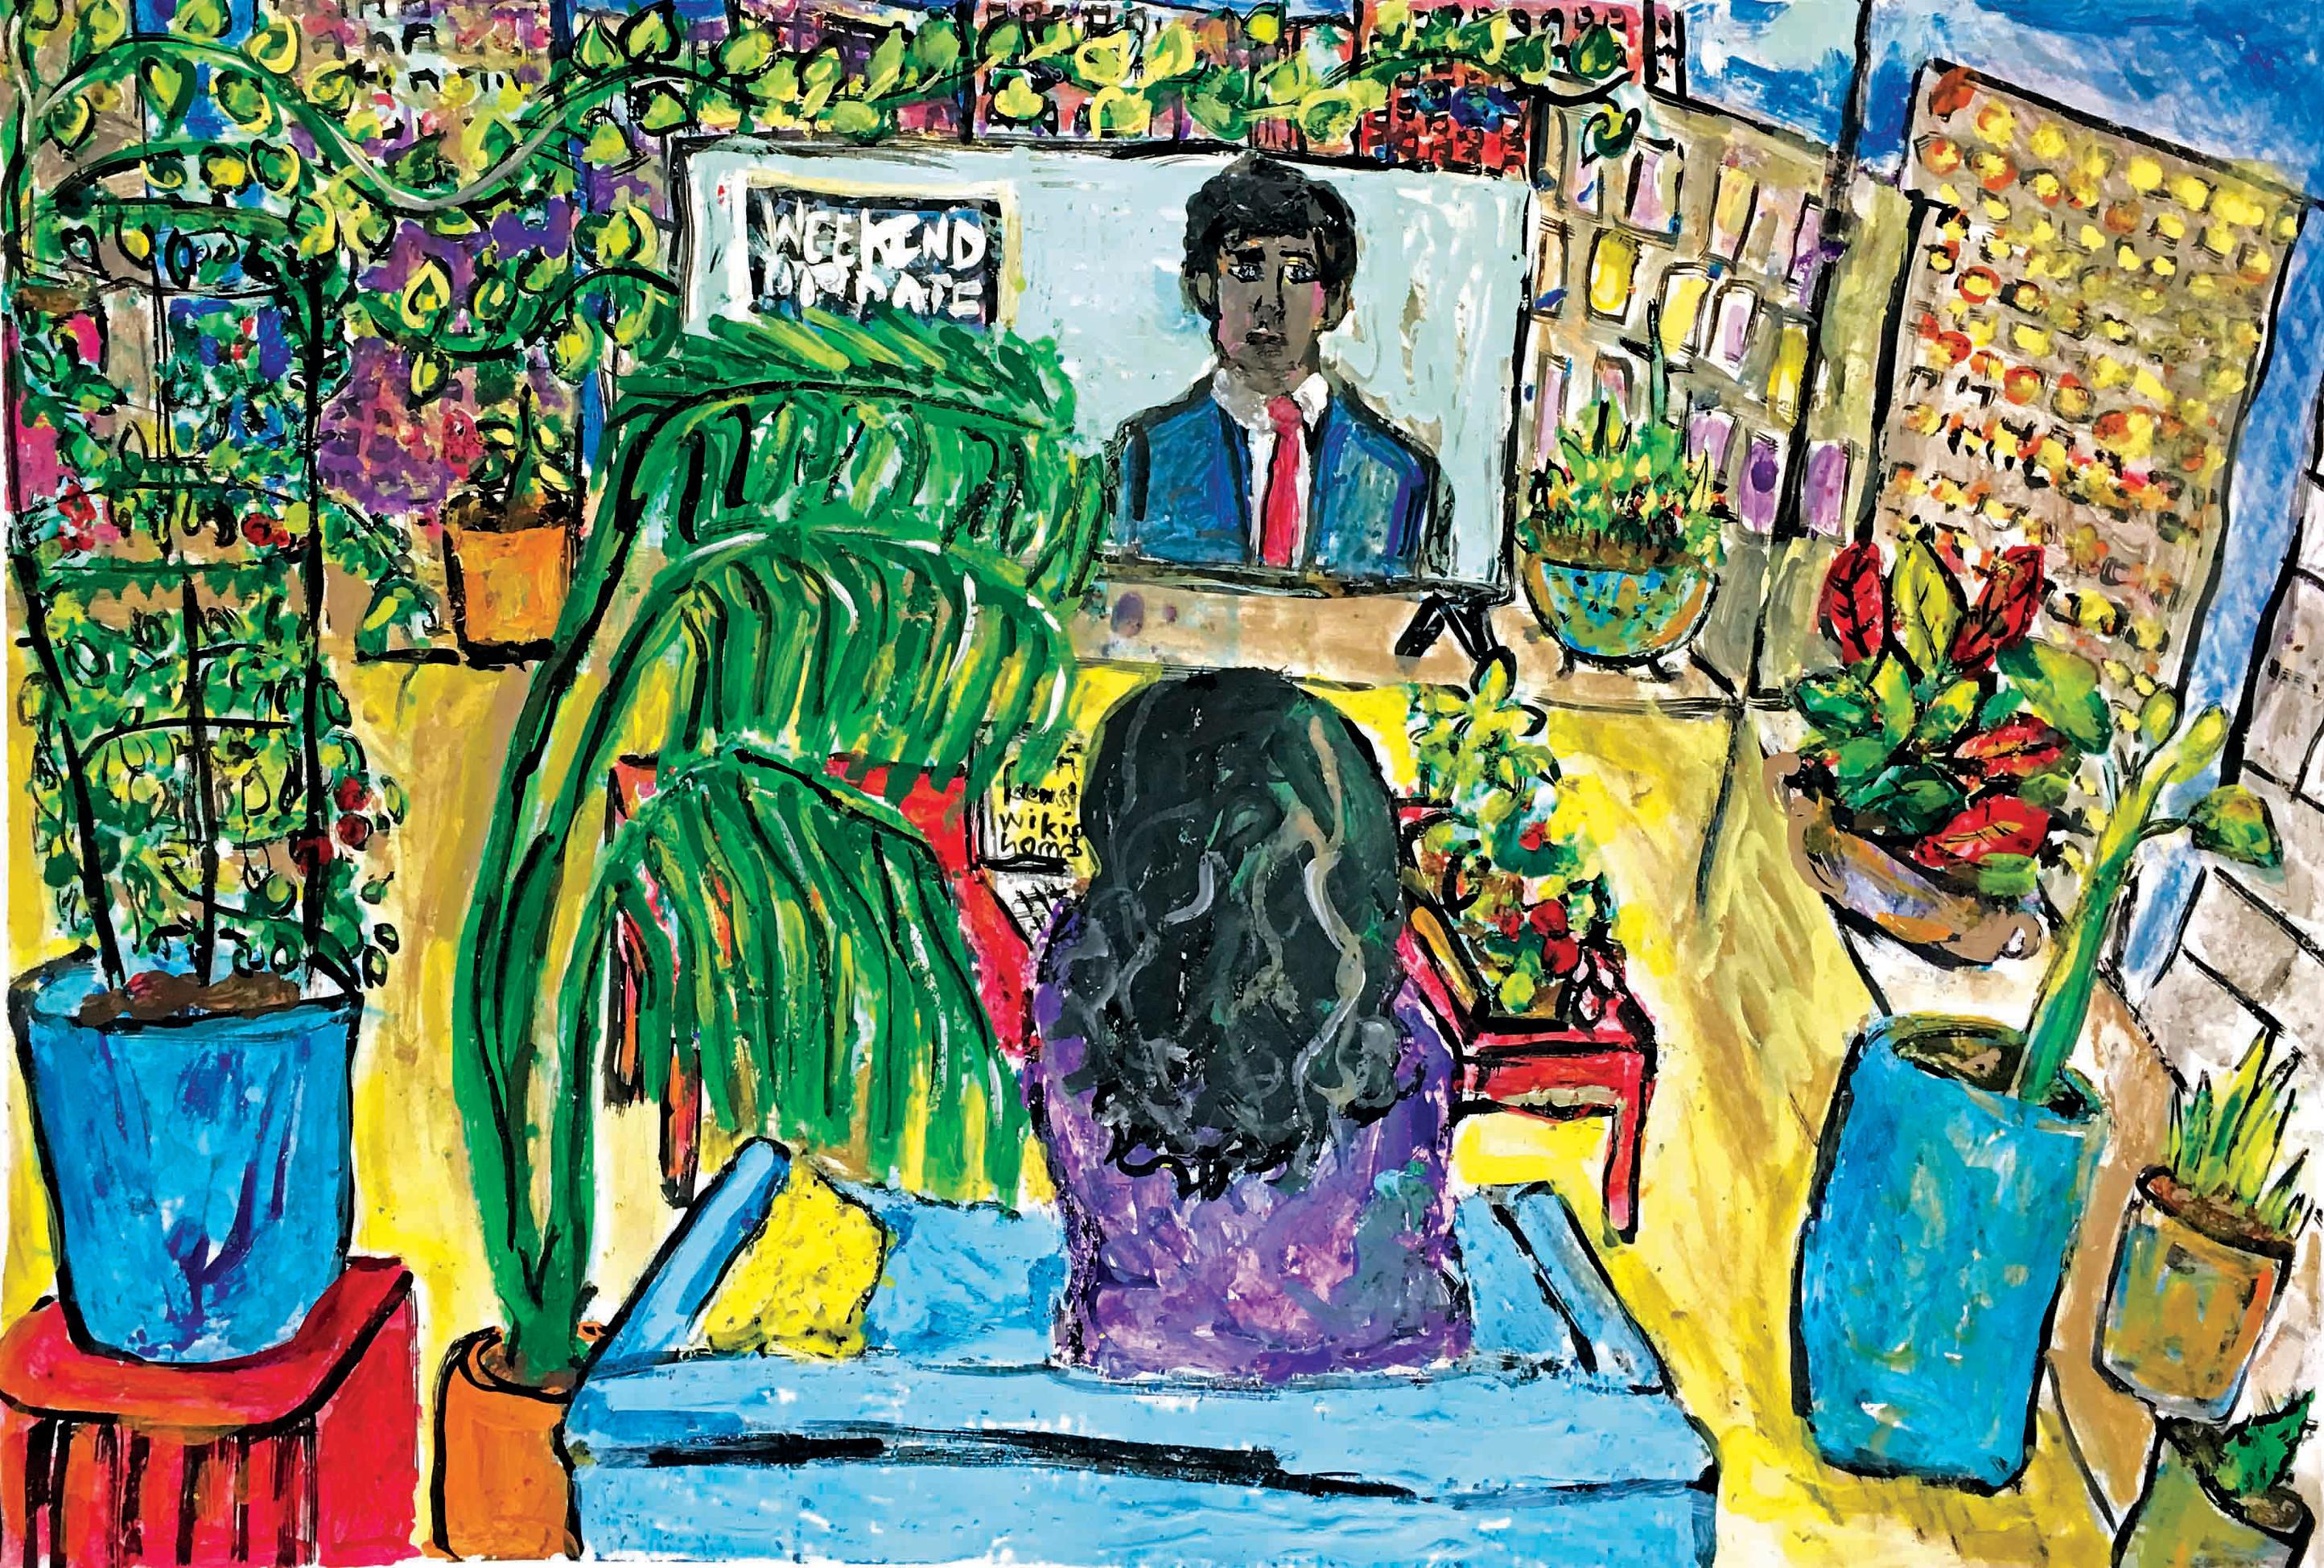 Khan-Rohena_I Live With Plants And Ideas